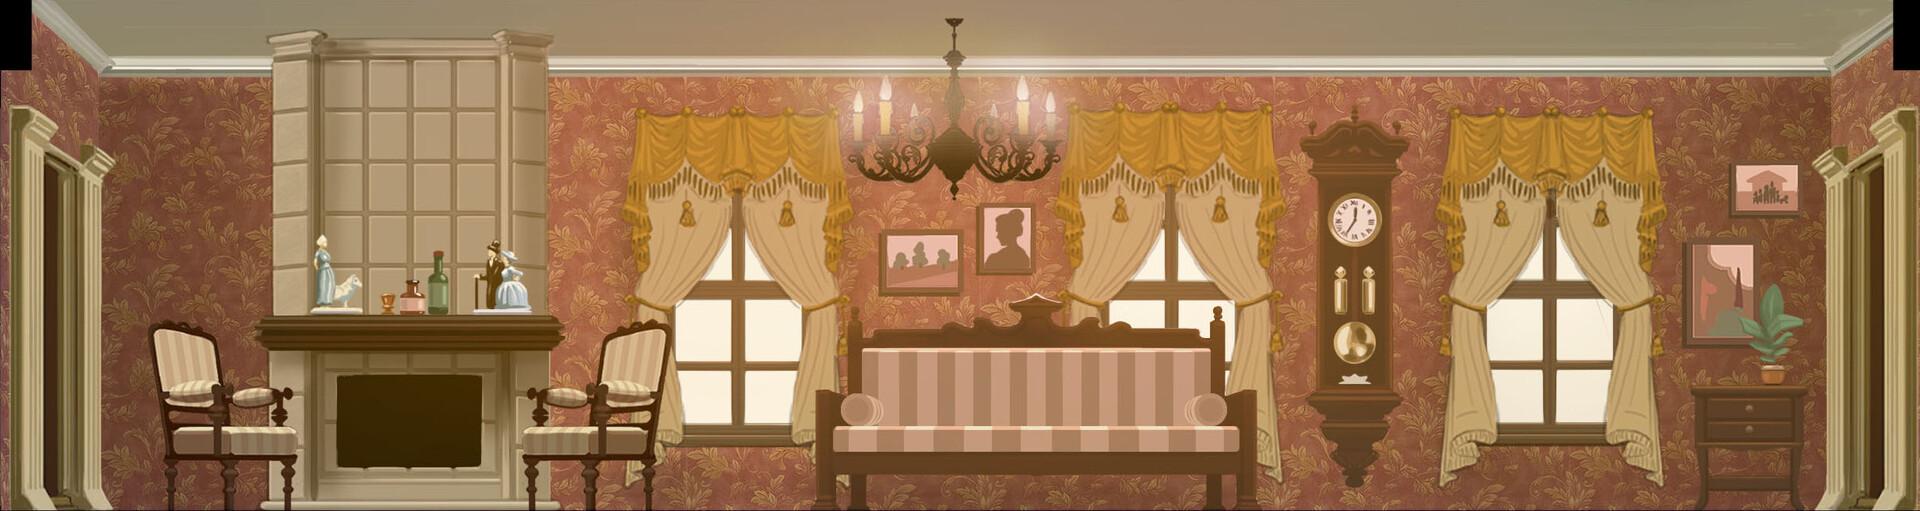 Talerock studio living room